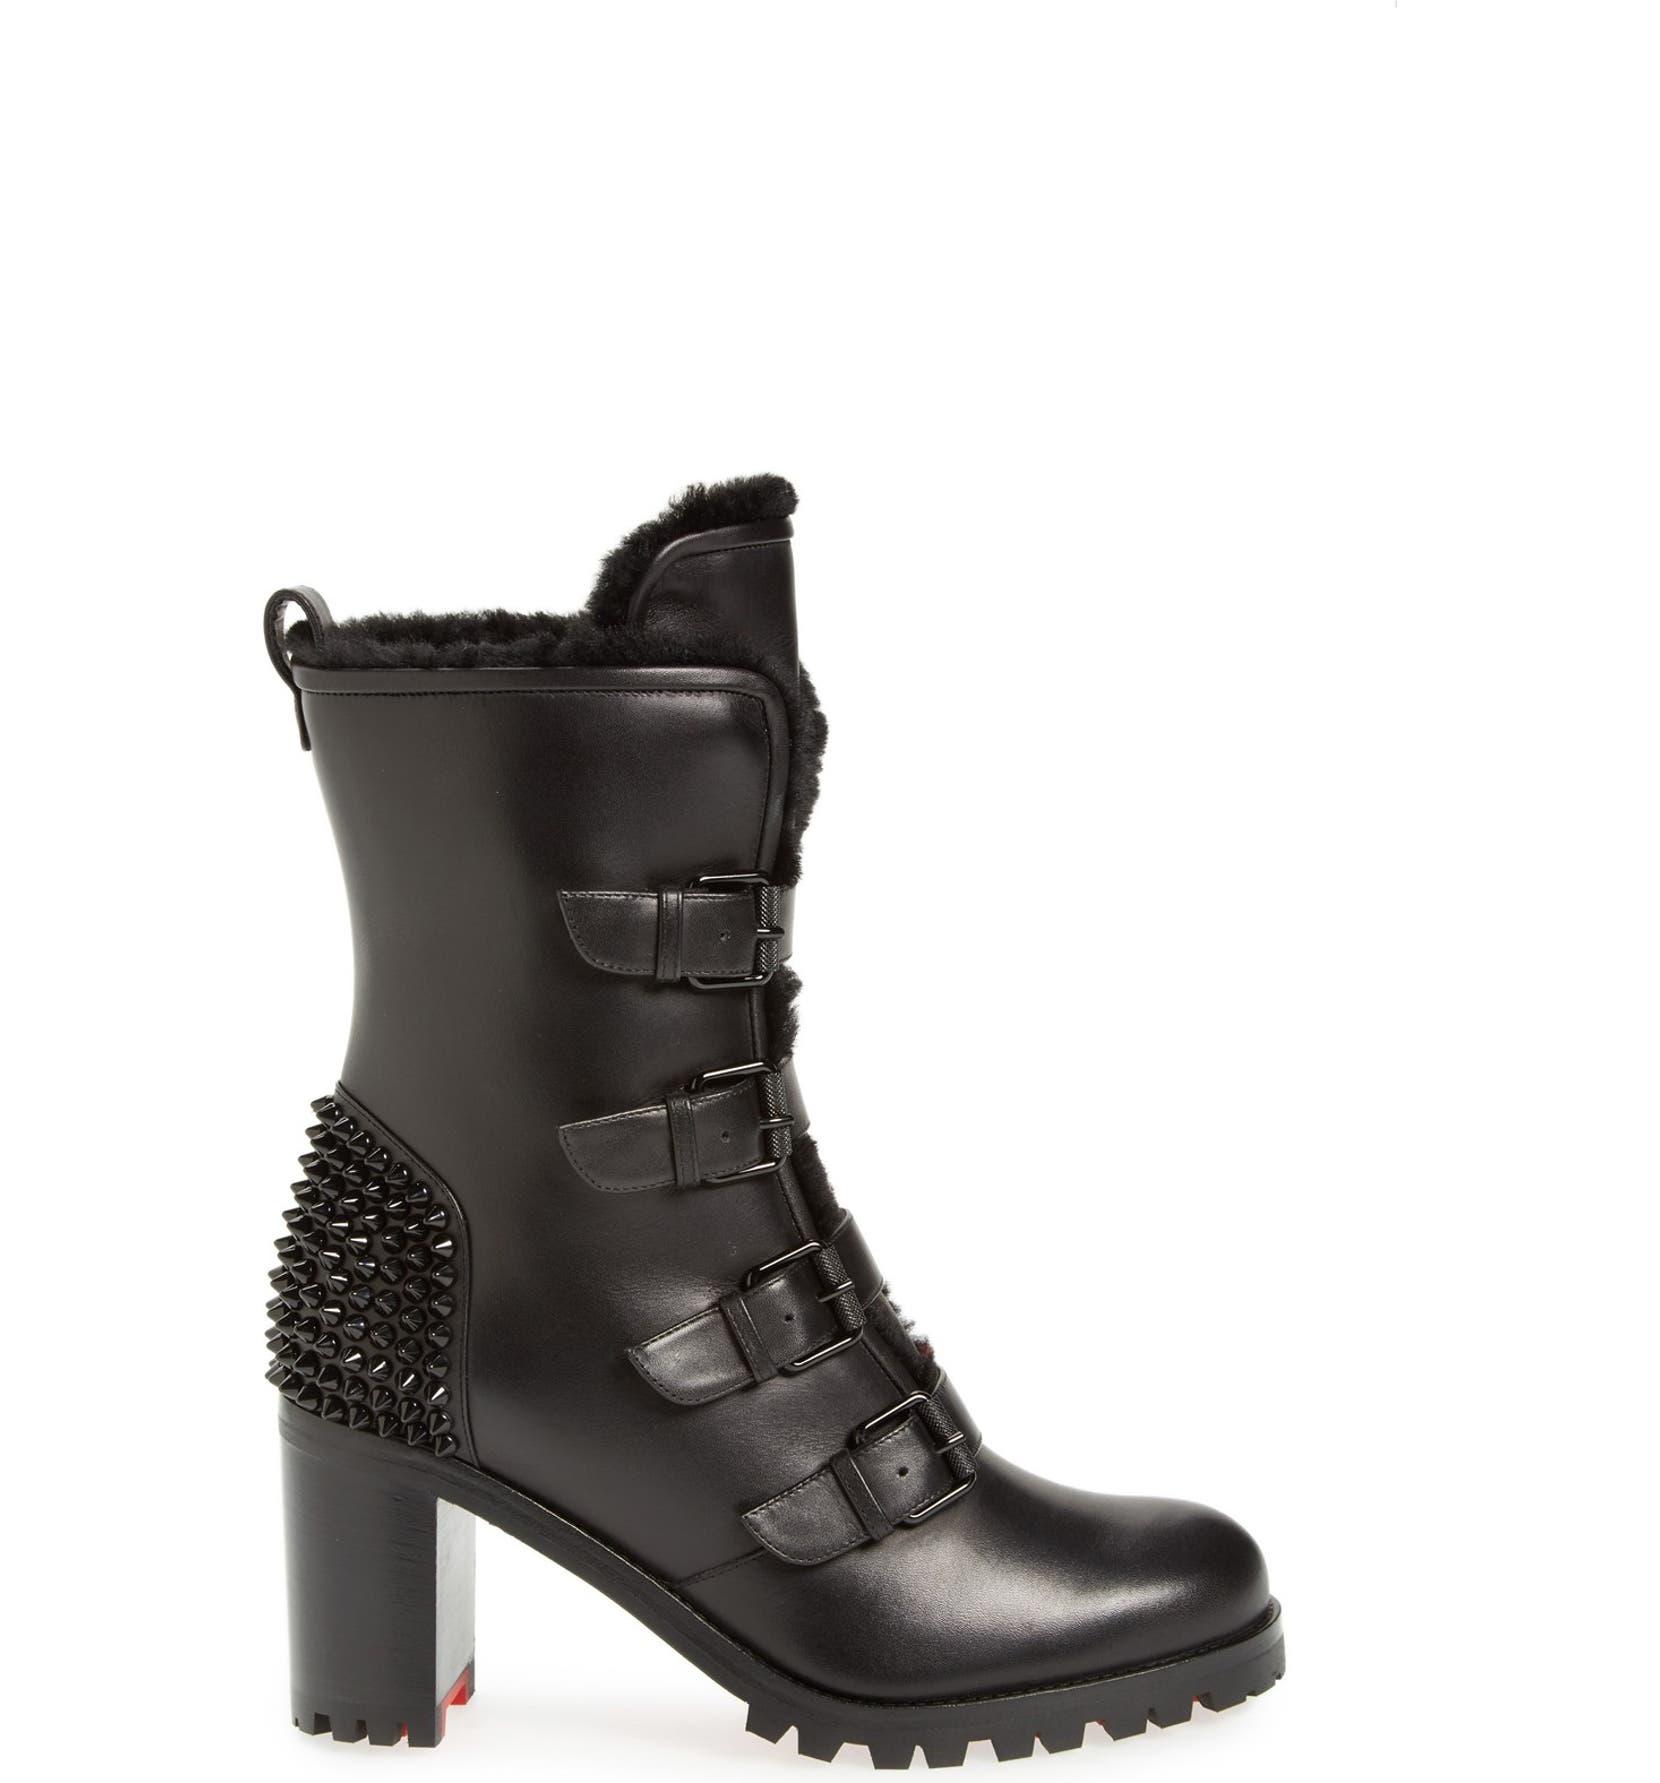 b74b04f1a81 Christian louboutin glorymount boots